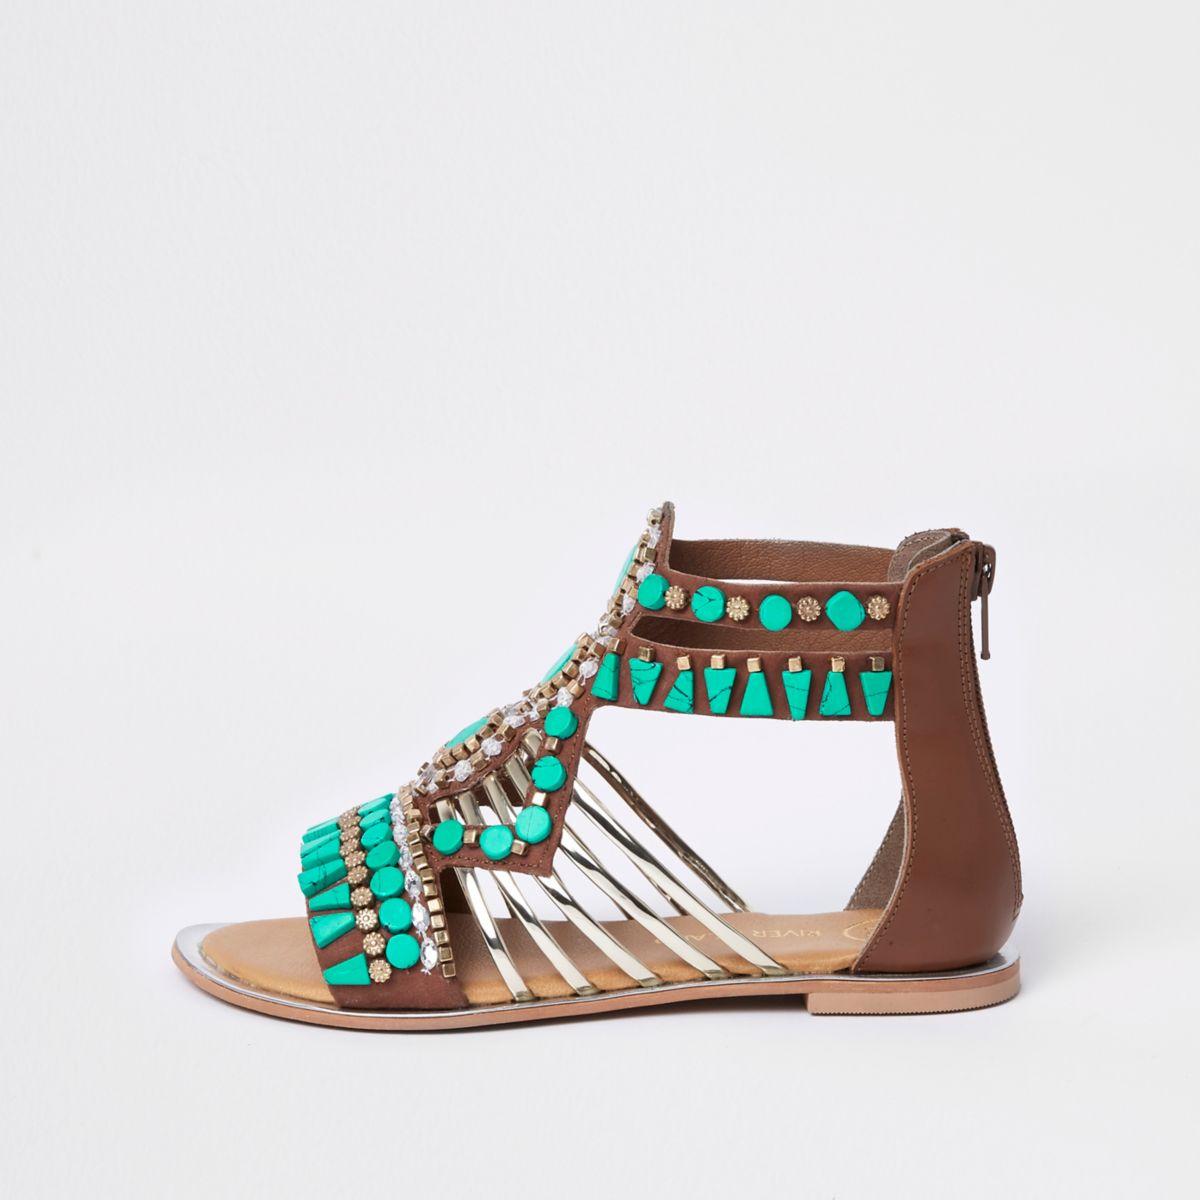 Sandales style salomé ornées de pierres turquoise pour fille